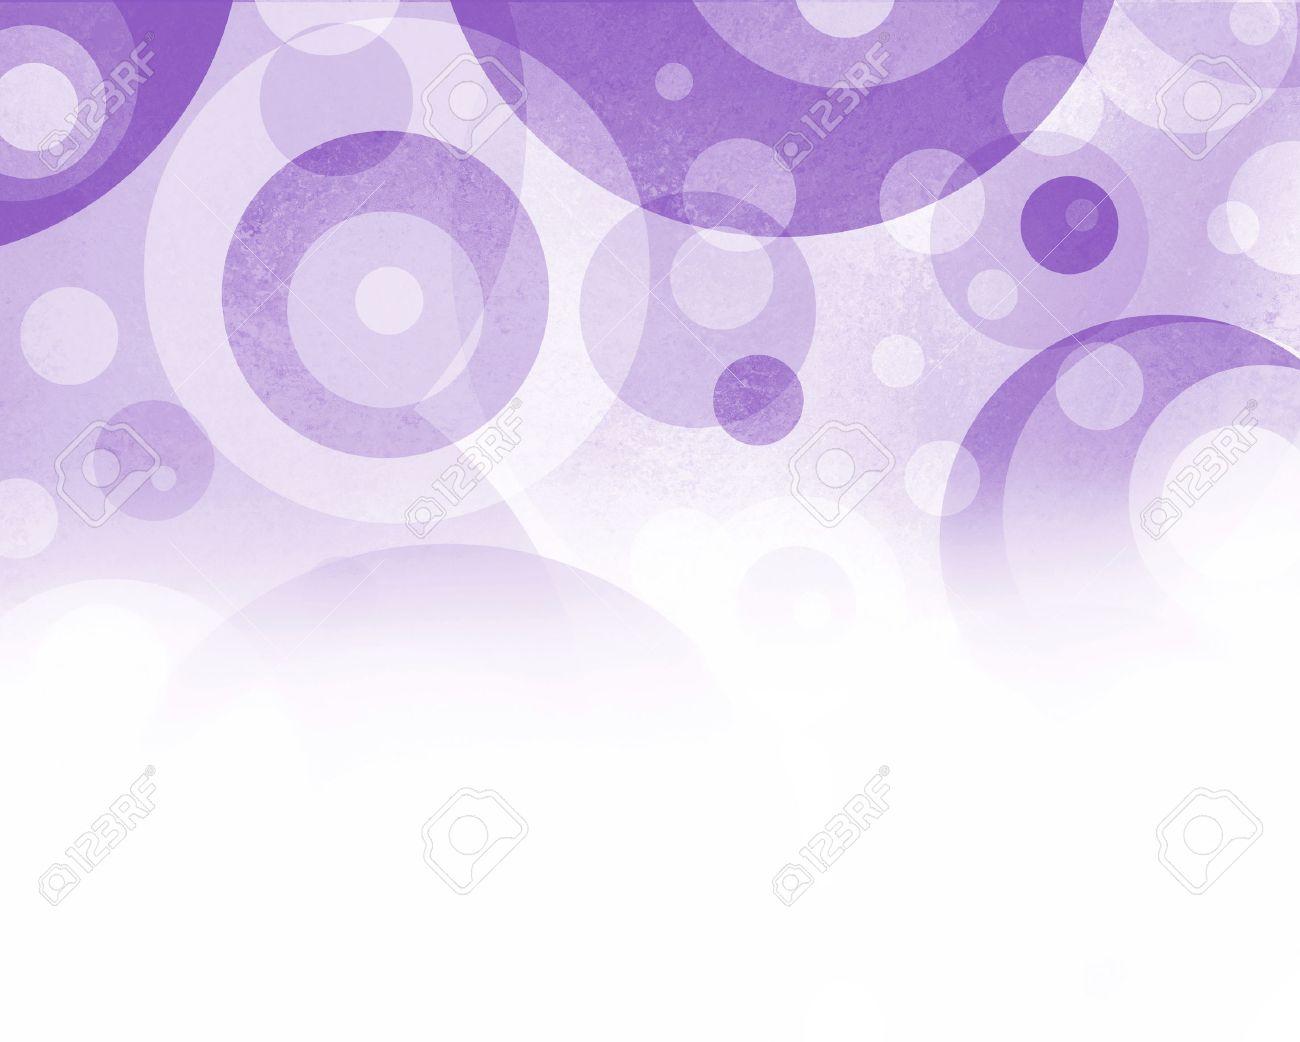 楽しいサークルで紫と白の背景と...